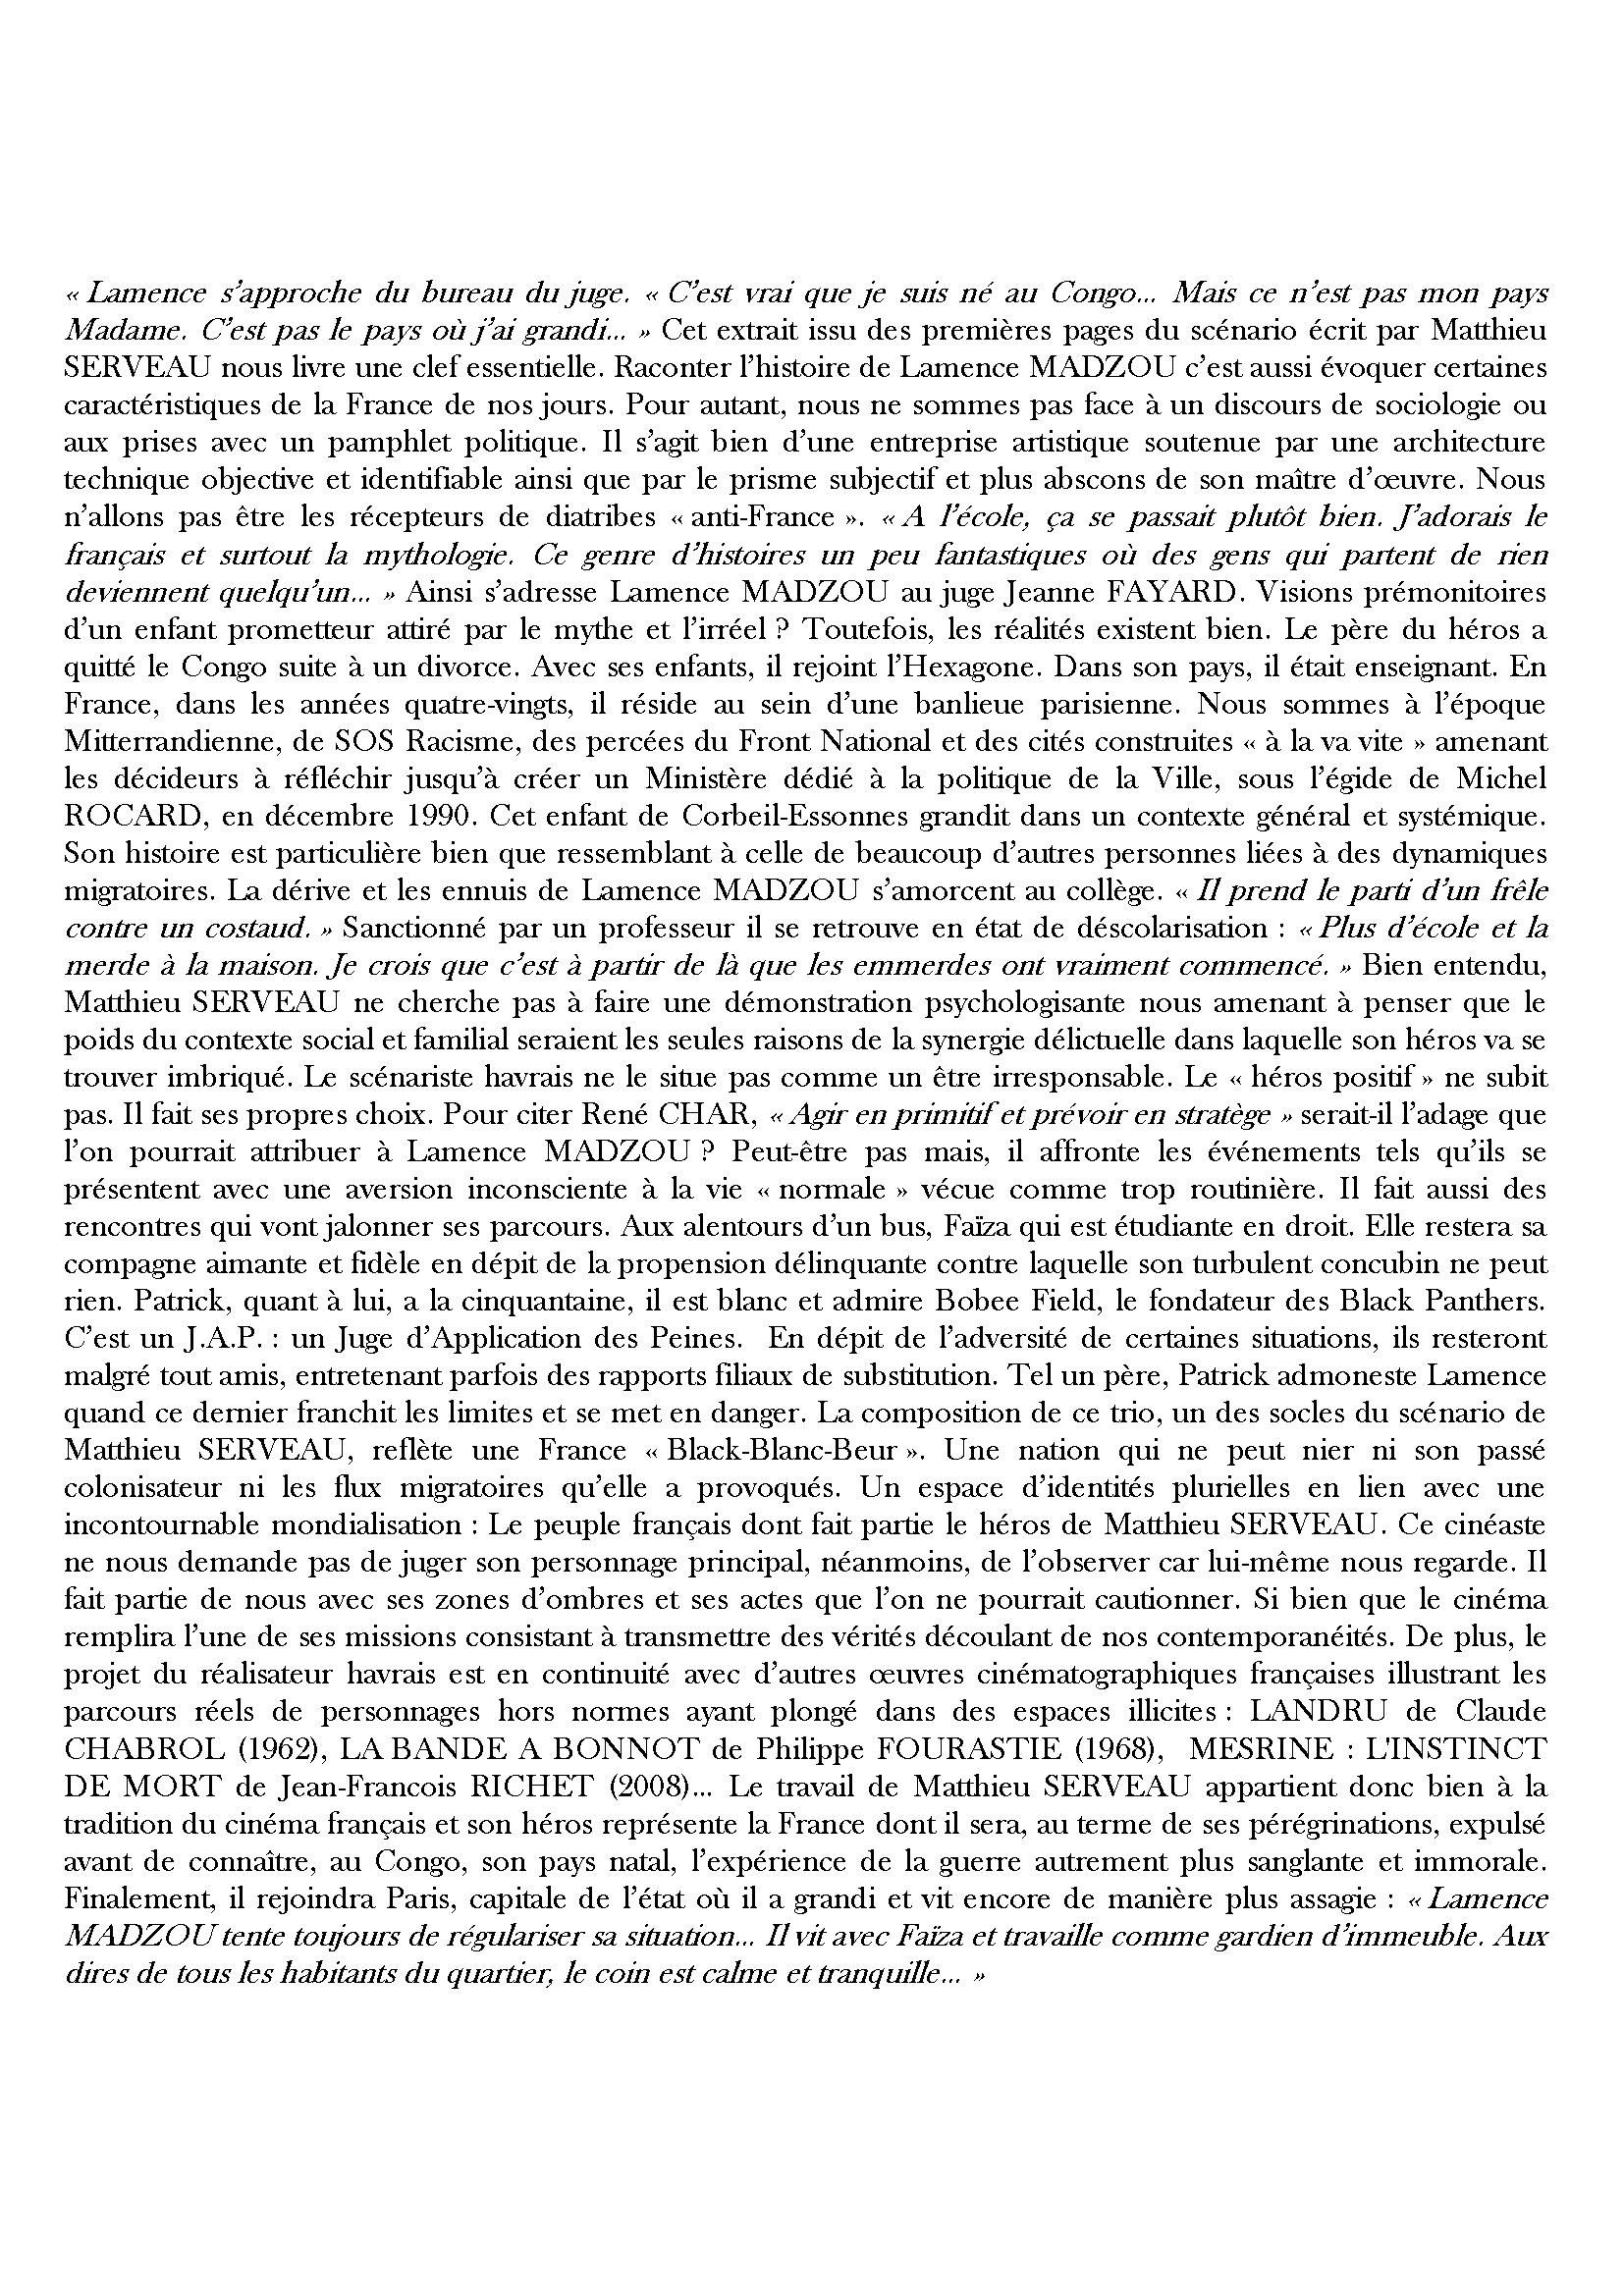 Serveau Matthieu_article 3_Lamence Madzou_Page_4